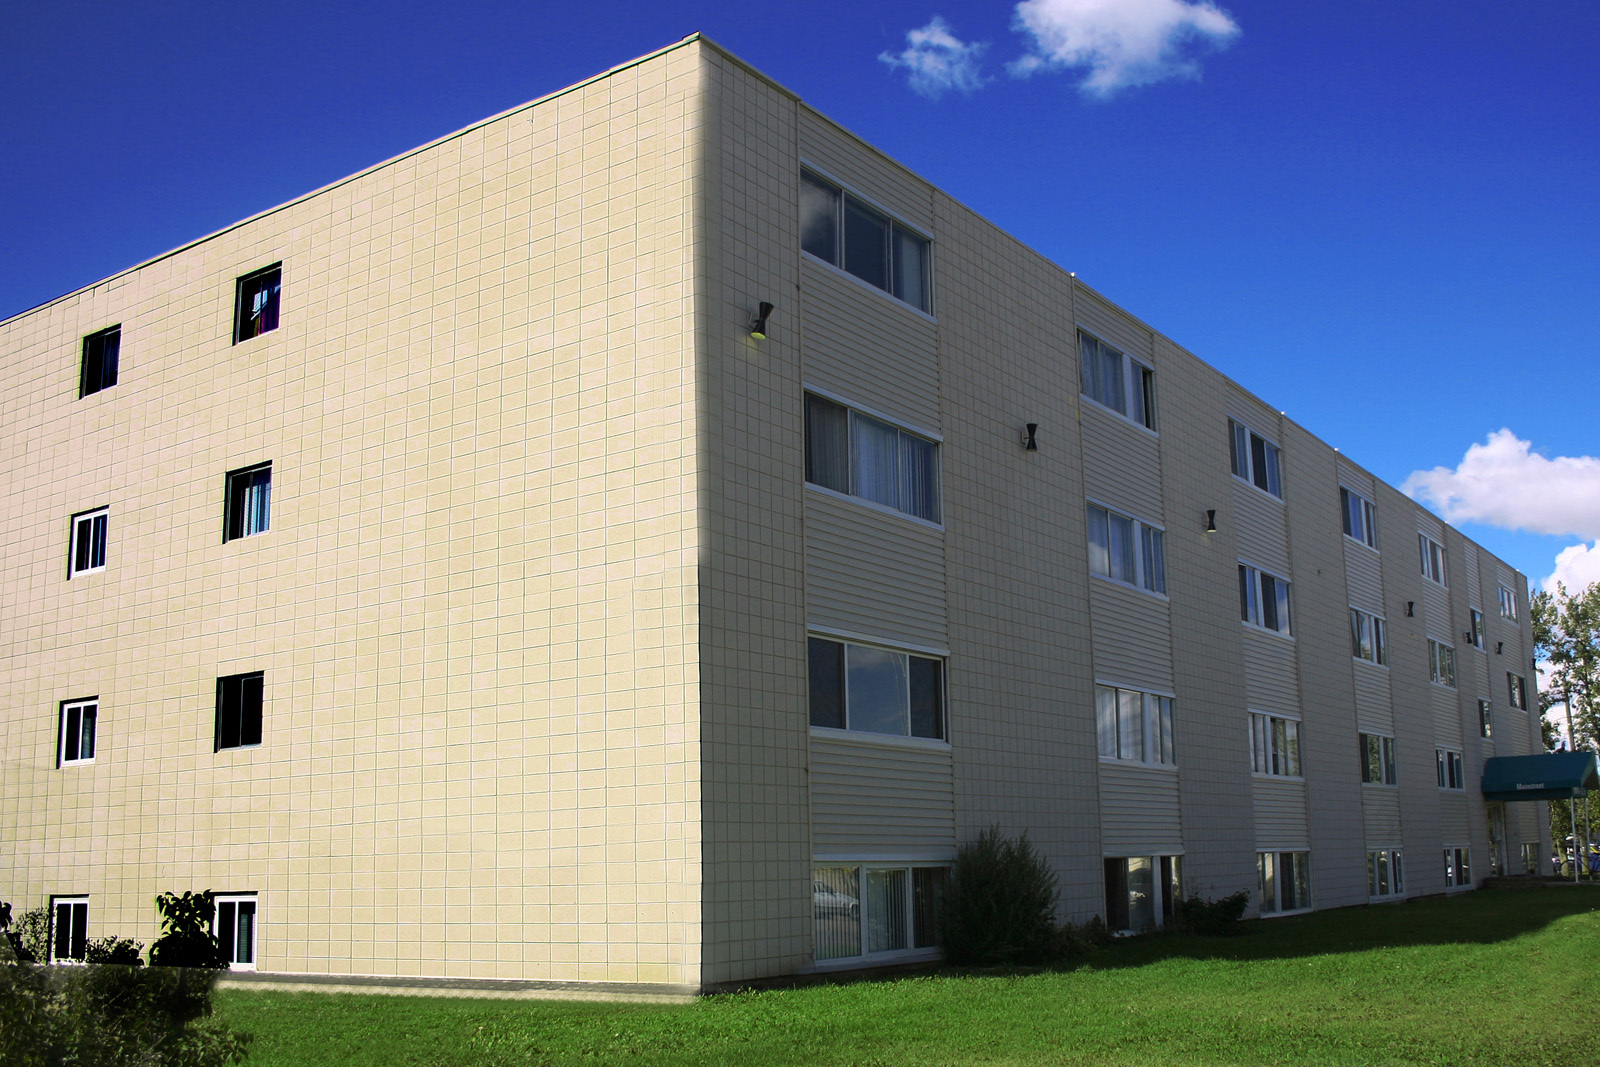 10040 152 Street NW, Edmonton, AB - $799